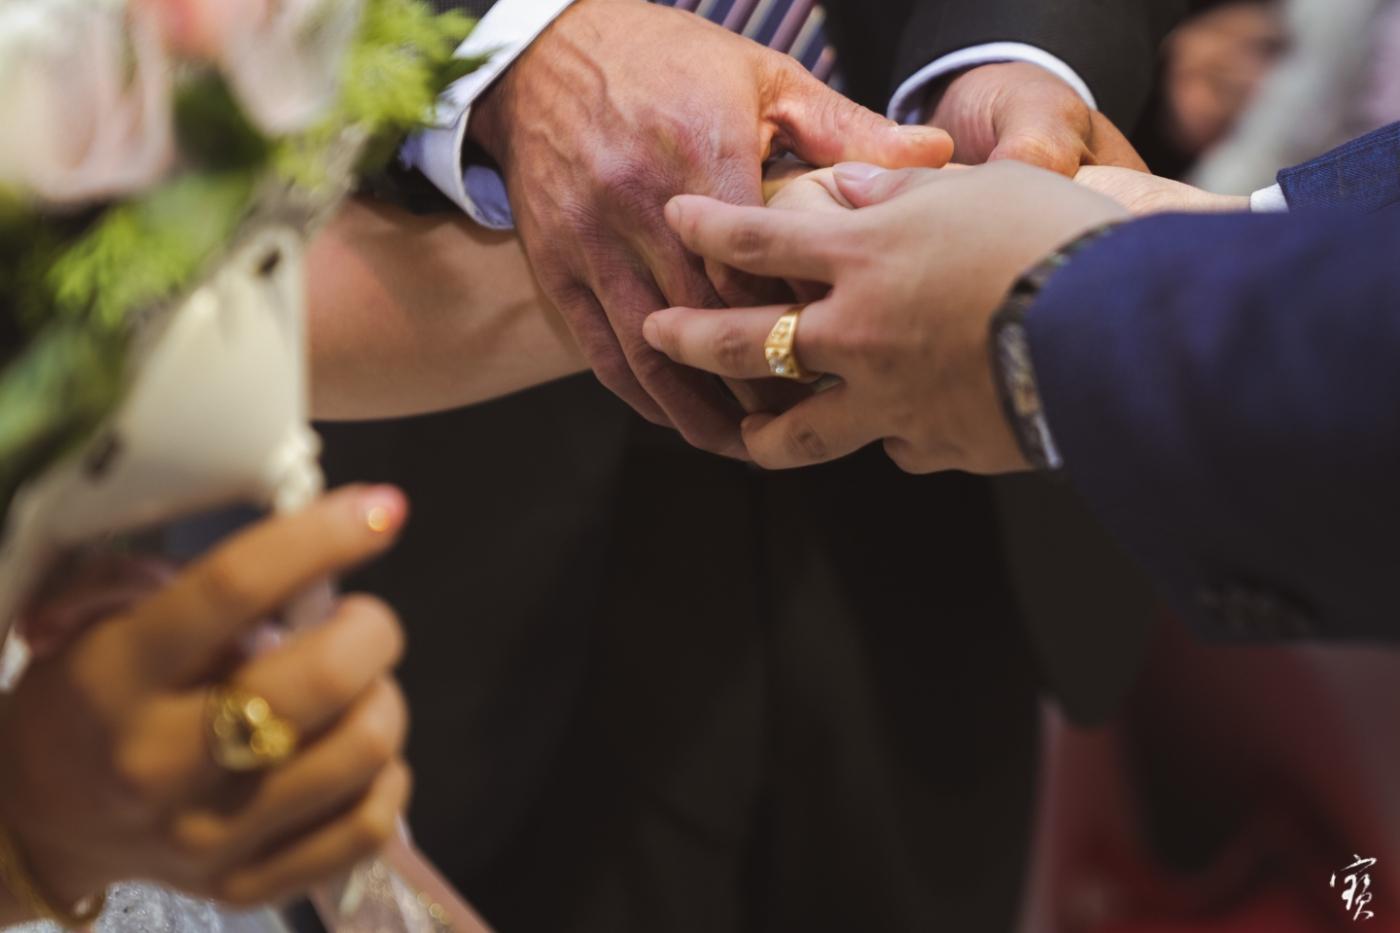 桃園婚禮 晶麒莊園 婚禮攝影 攝影師大寶 北部攝影 桃園攝影 新竹攝影 台北攝影 婚攝 早儀晚宴 1071014-80